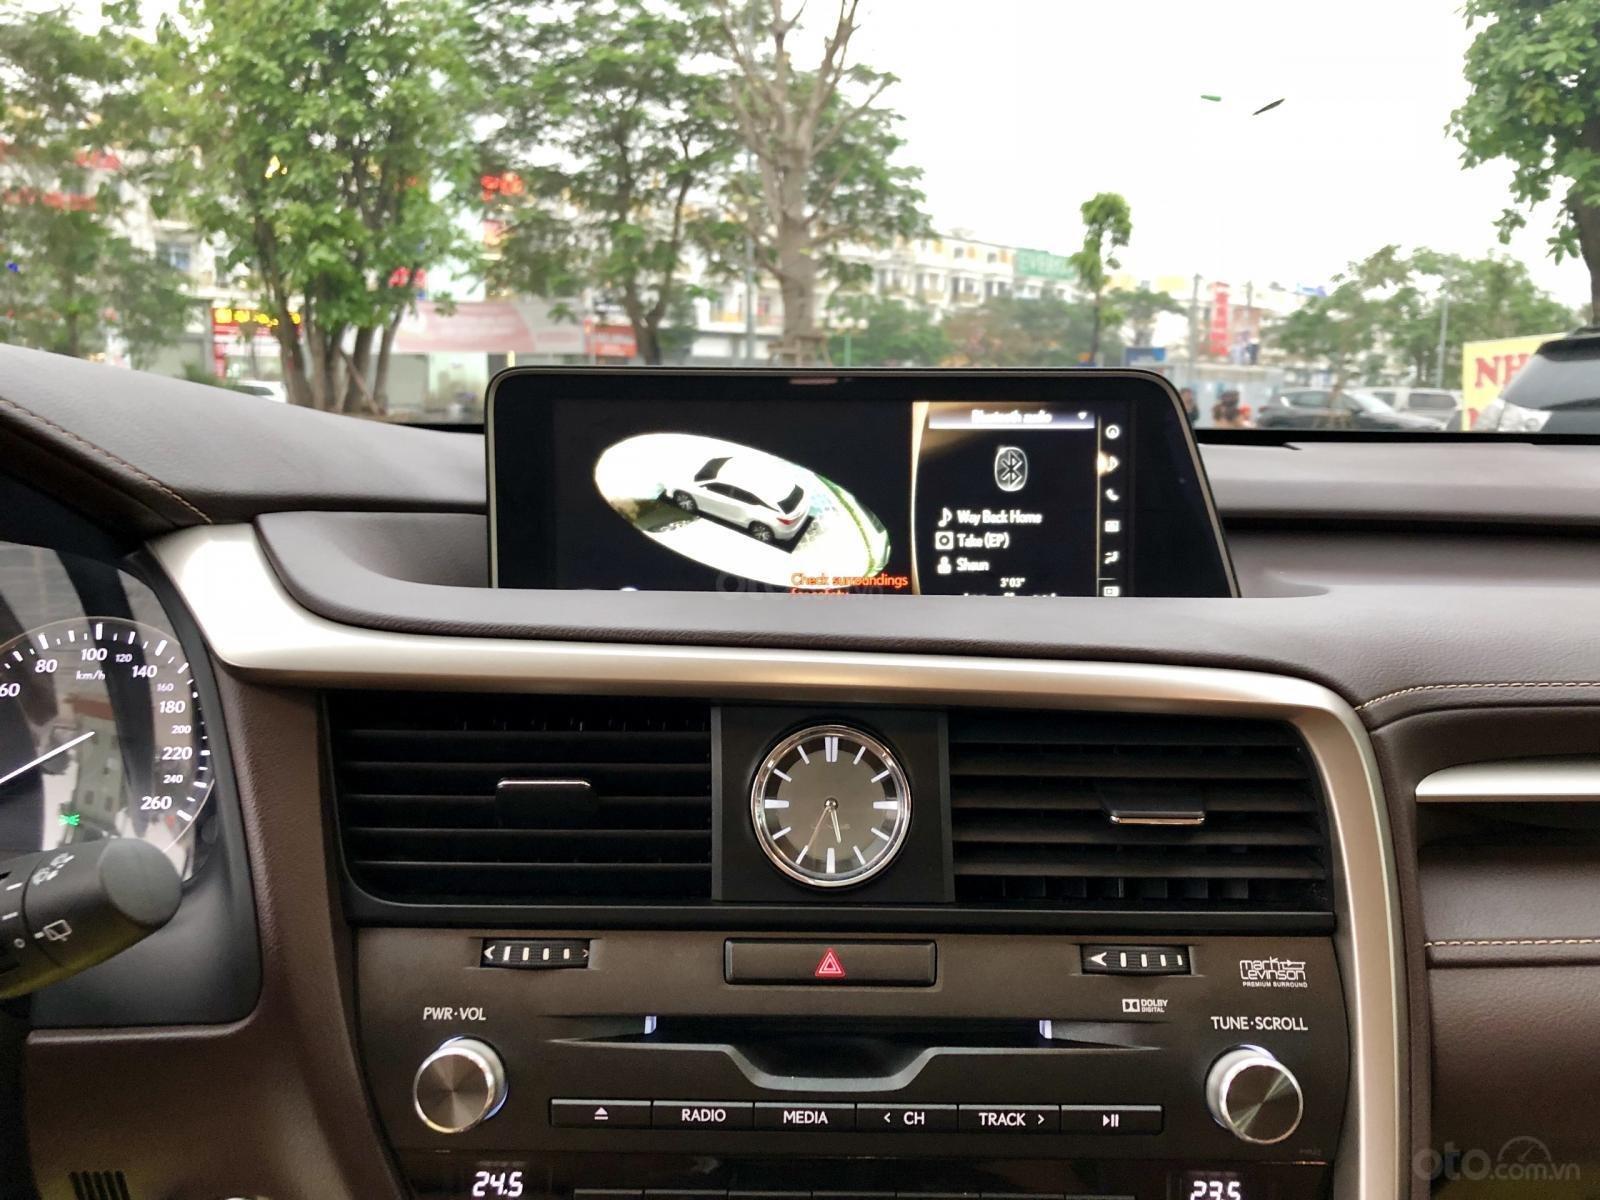 Cần bán xe Lexus RX 350 sản xuất 2017, xe nhập chính hãng. LH 093.996.2368 Ms Ngọc Vy (18)